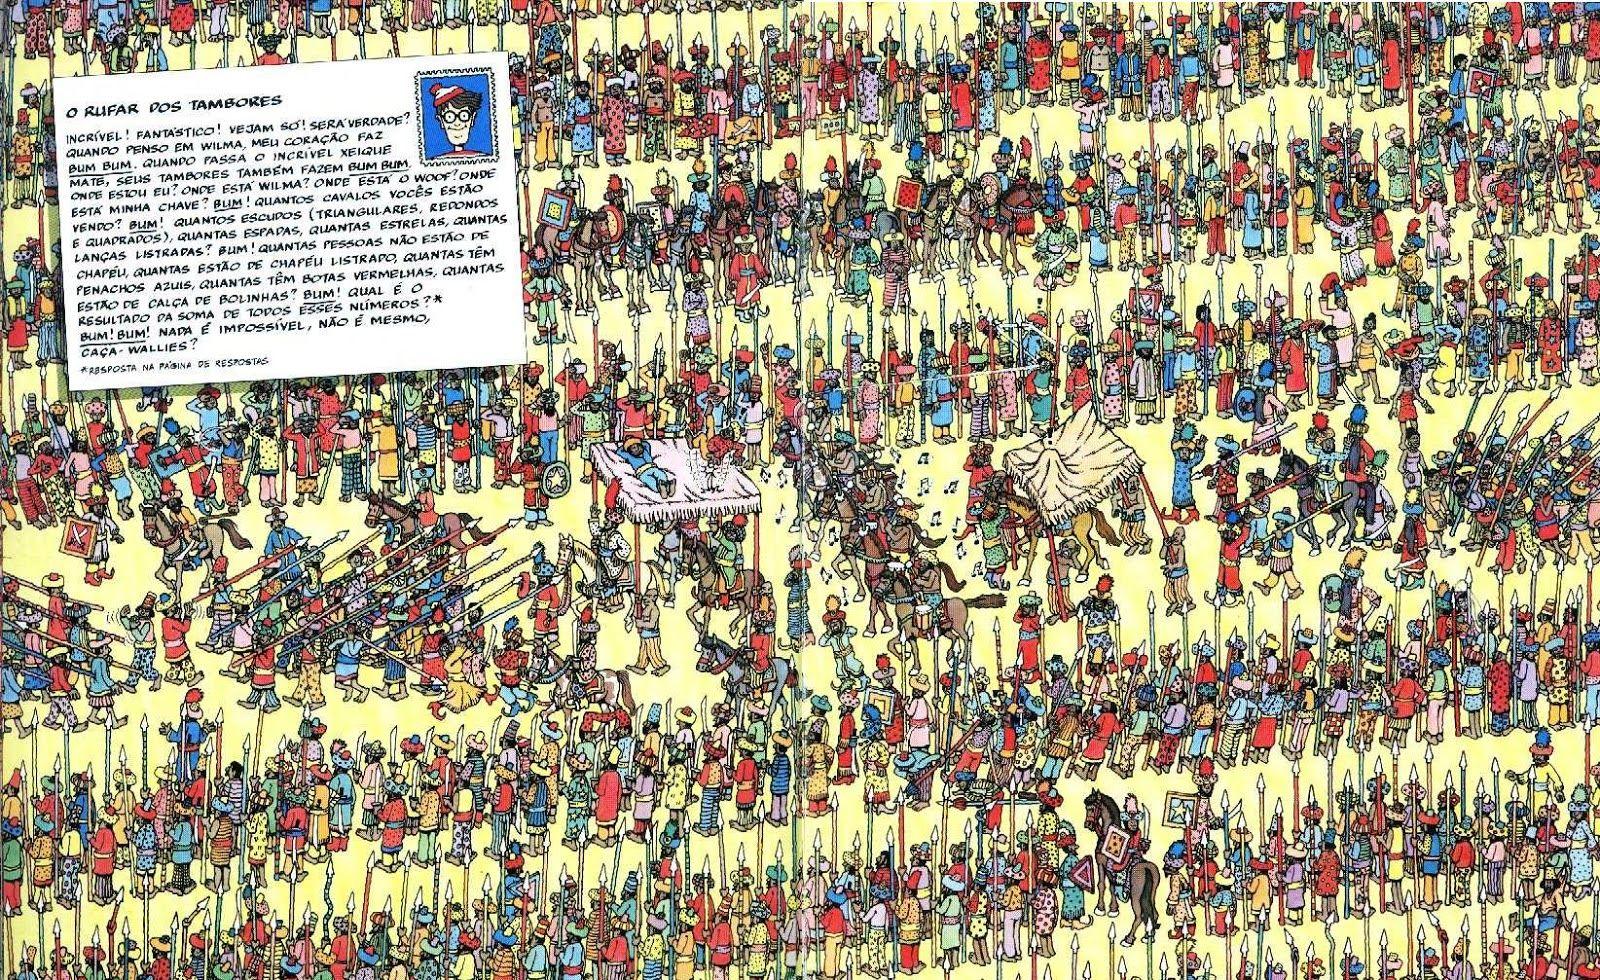 Waldo 10